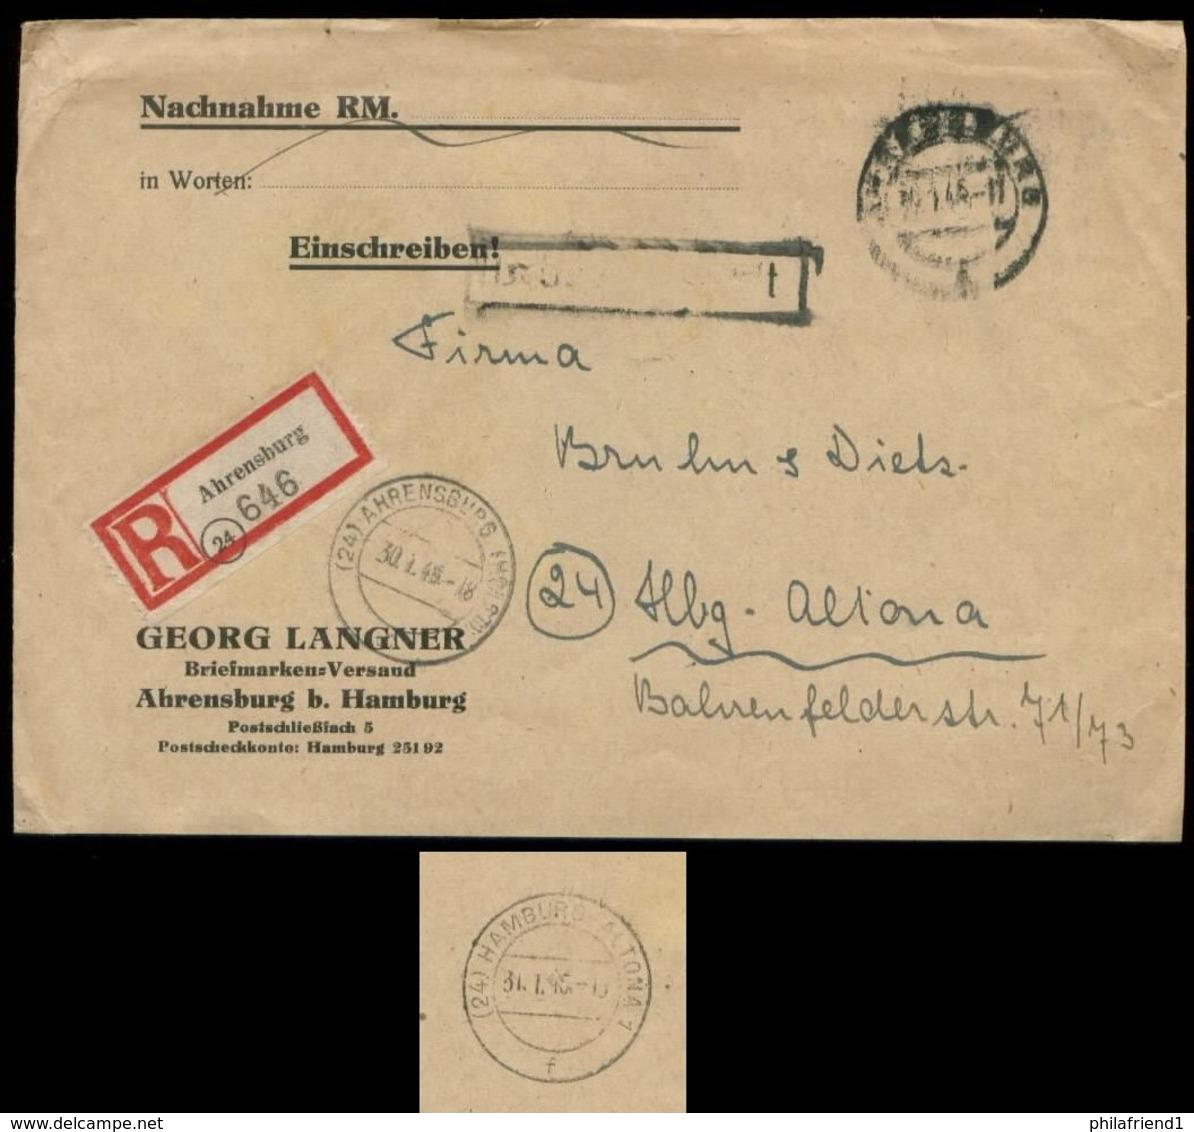 P0806 - DR R - Briefumschlag Mit PLZ 24 R - Zettel Und Stempel: Gebraucht 24 Ahrensburg - 24 Altona 30.1.1945 , Bedarf - Alemania